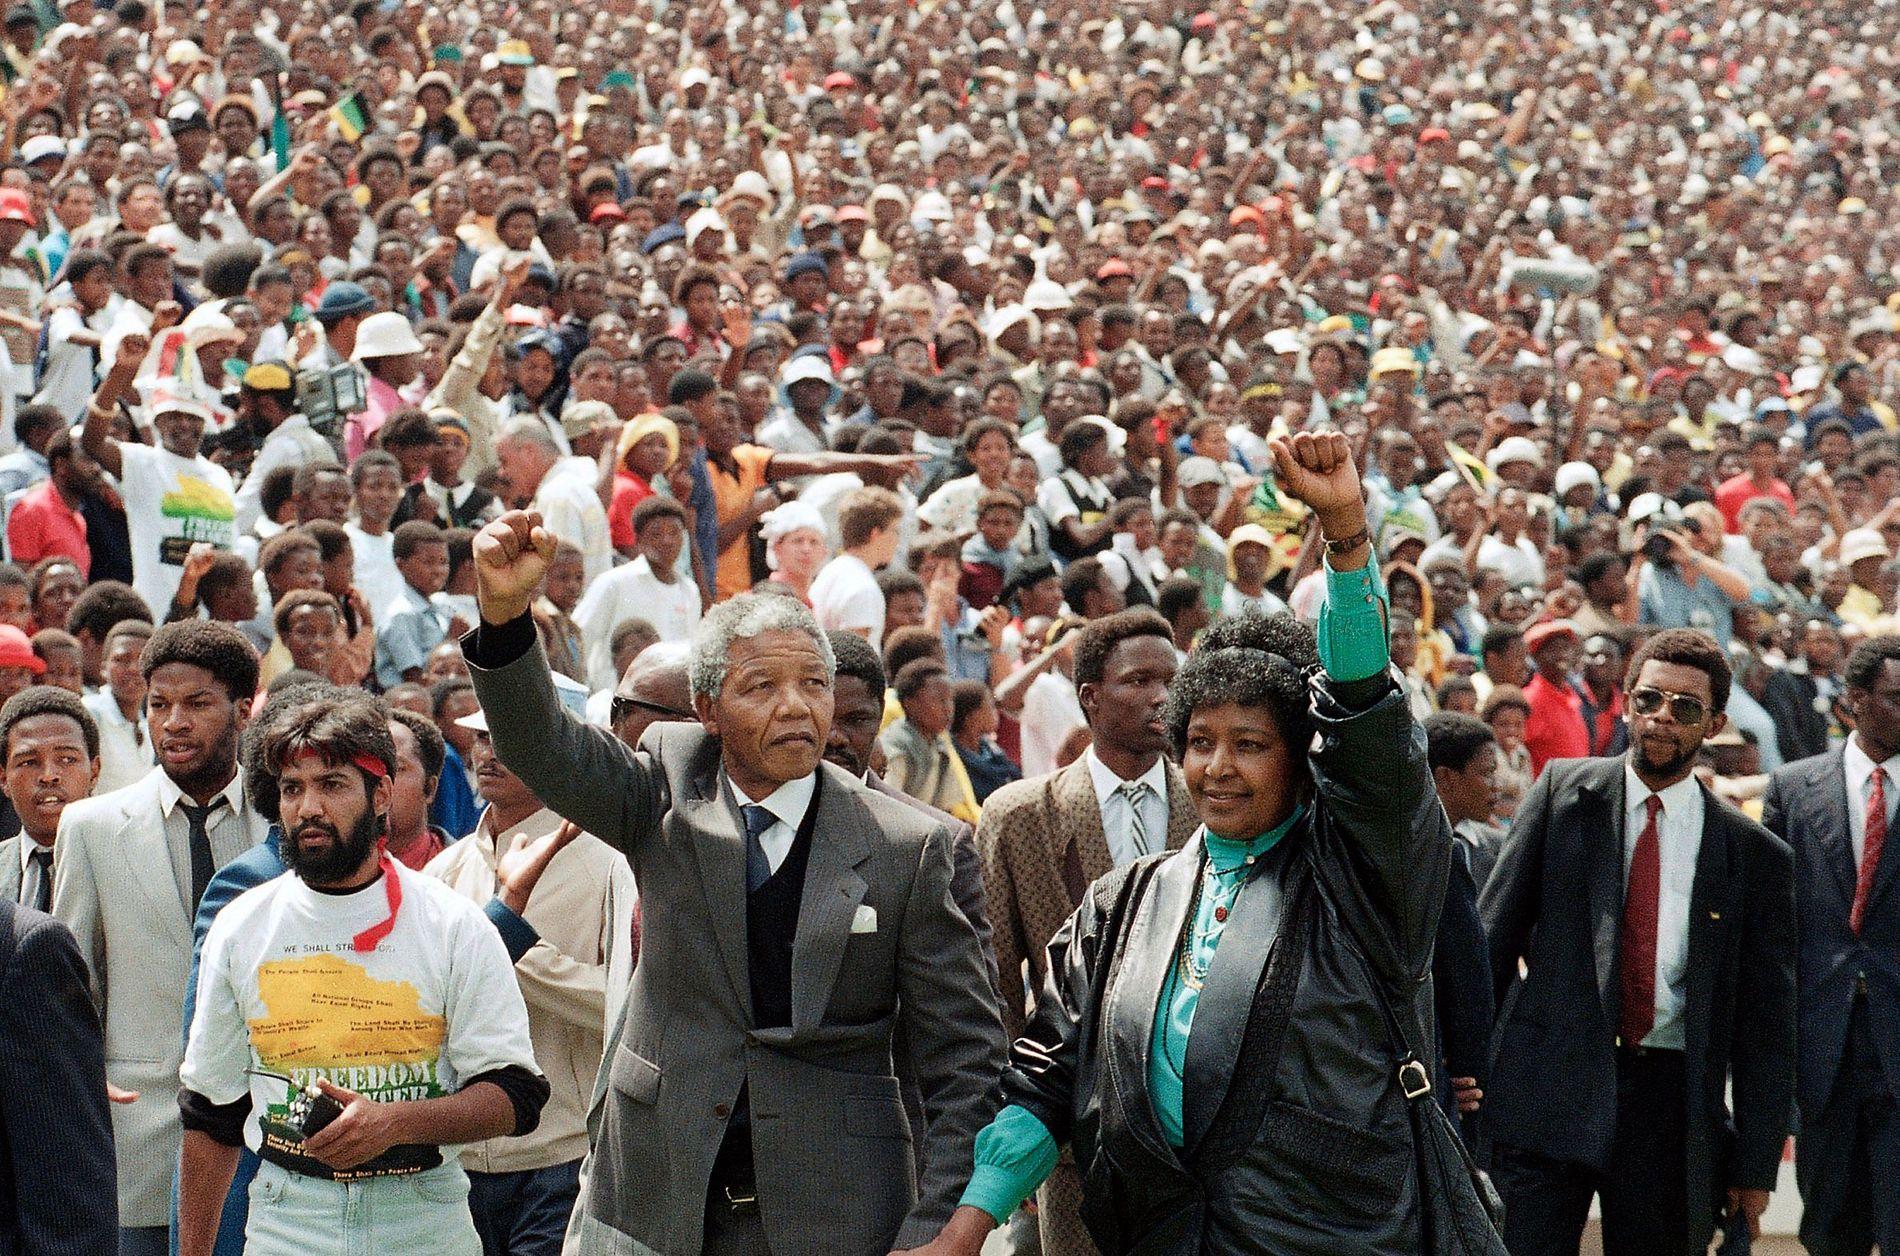 Mandela ga Sør-Afrika og verden håp. I dag er det 30 år siden han ble  løslatt – VG